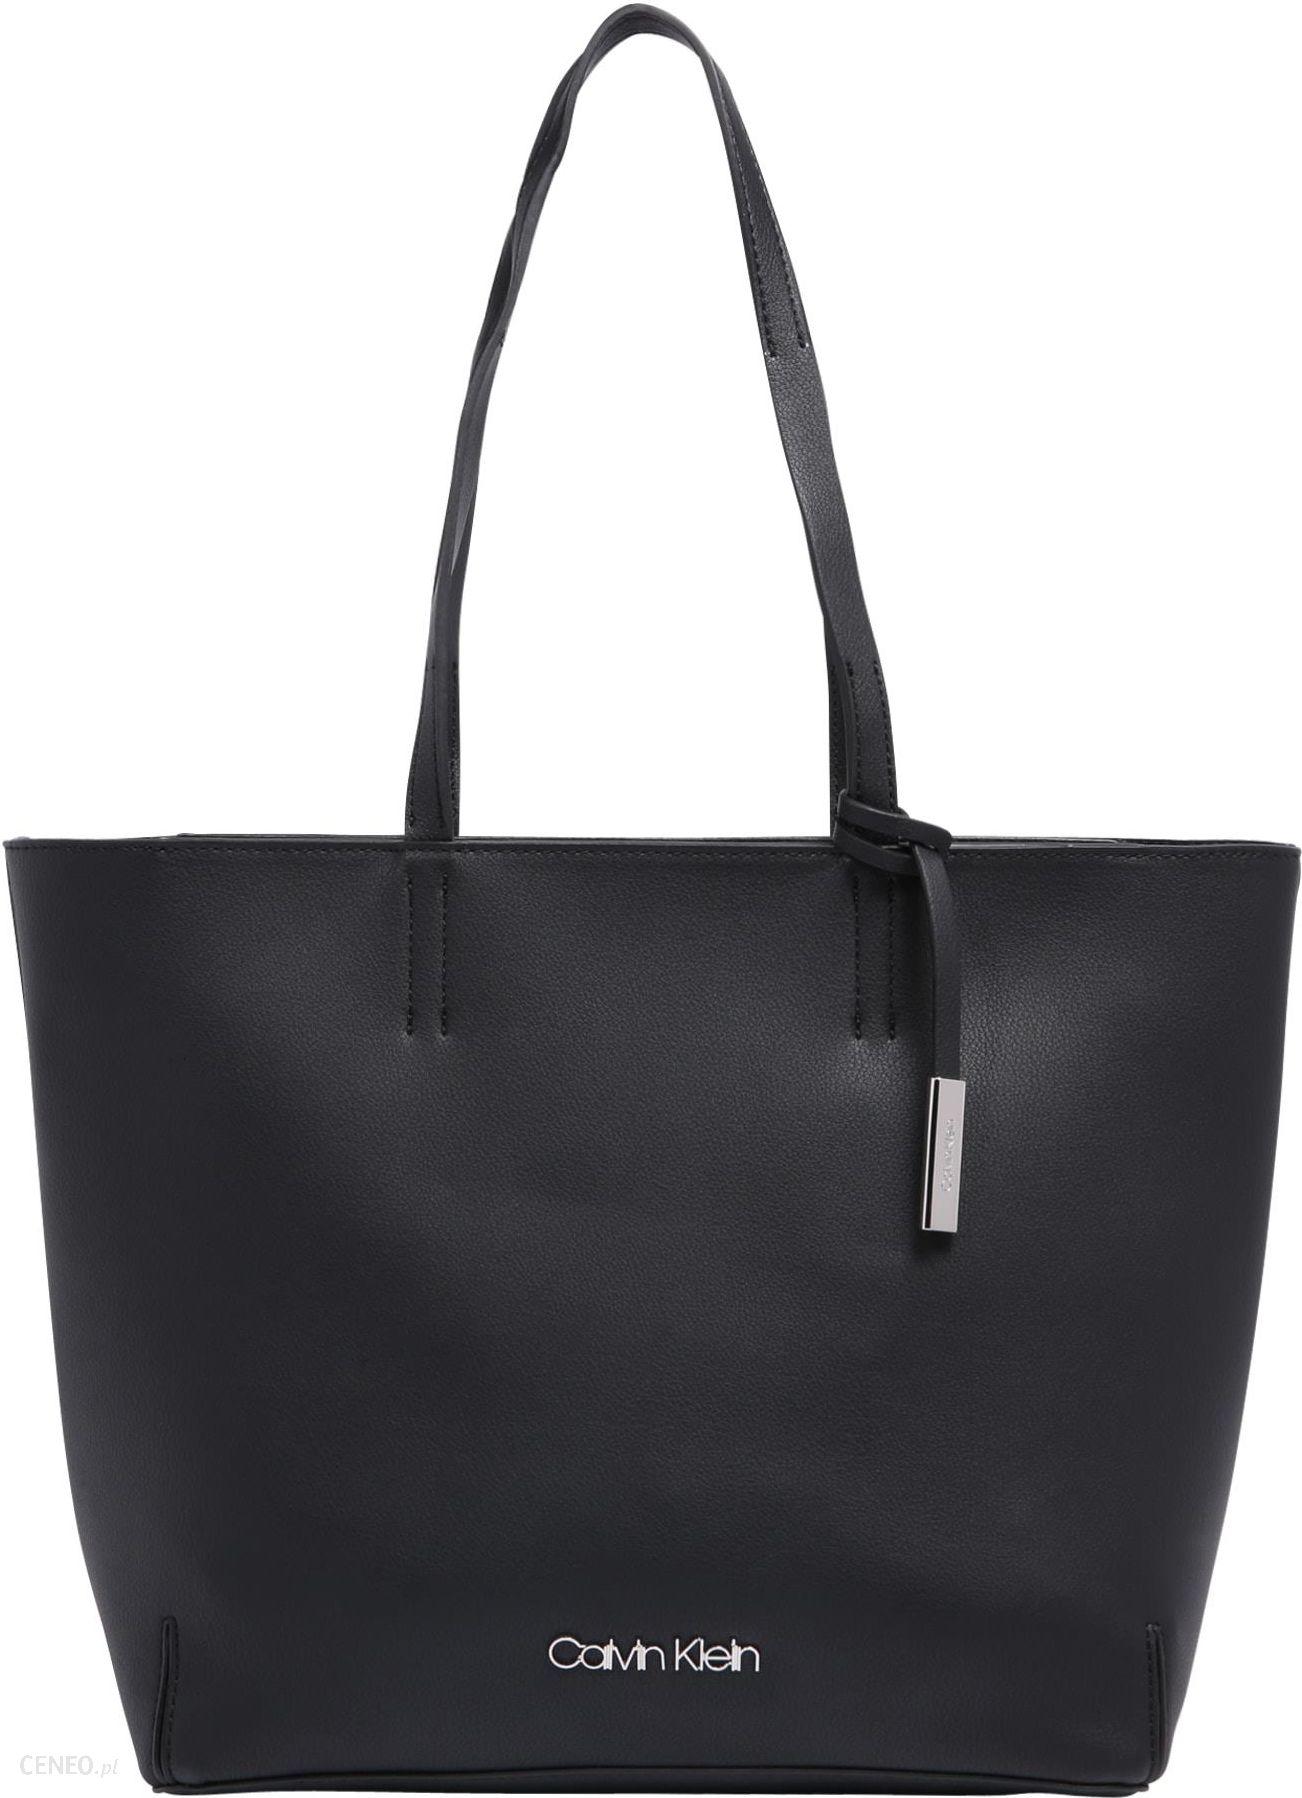 09c3ca410886e Calvin Klein Torba shopper  STITCH EW  - Ceny i opinie - Ceneo.pl